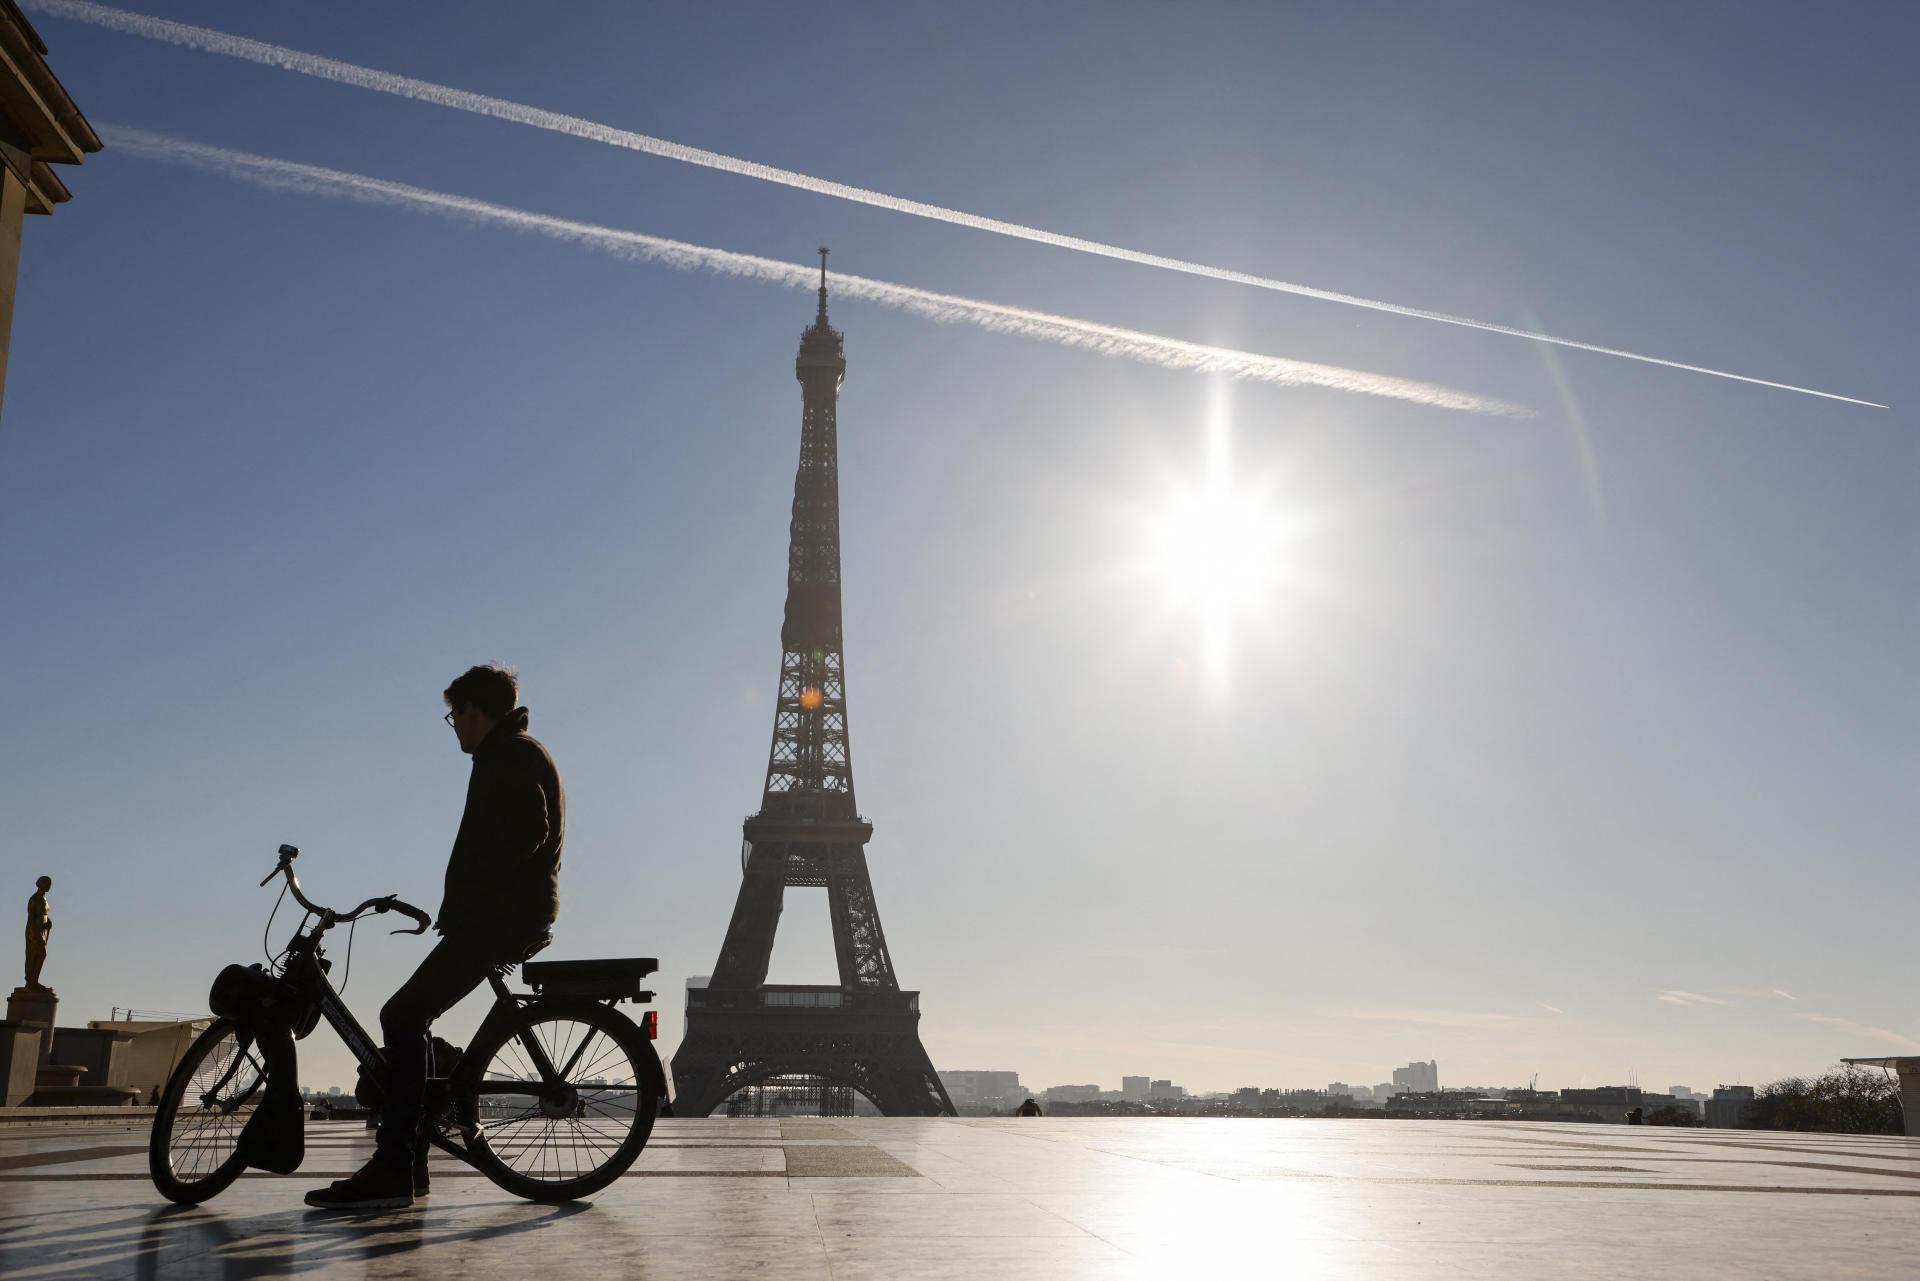 LE TEMPS : Les trajets à vélo en nette progression en Europe